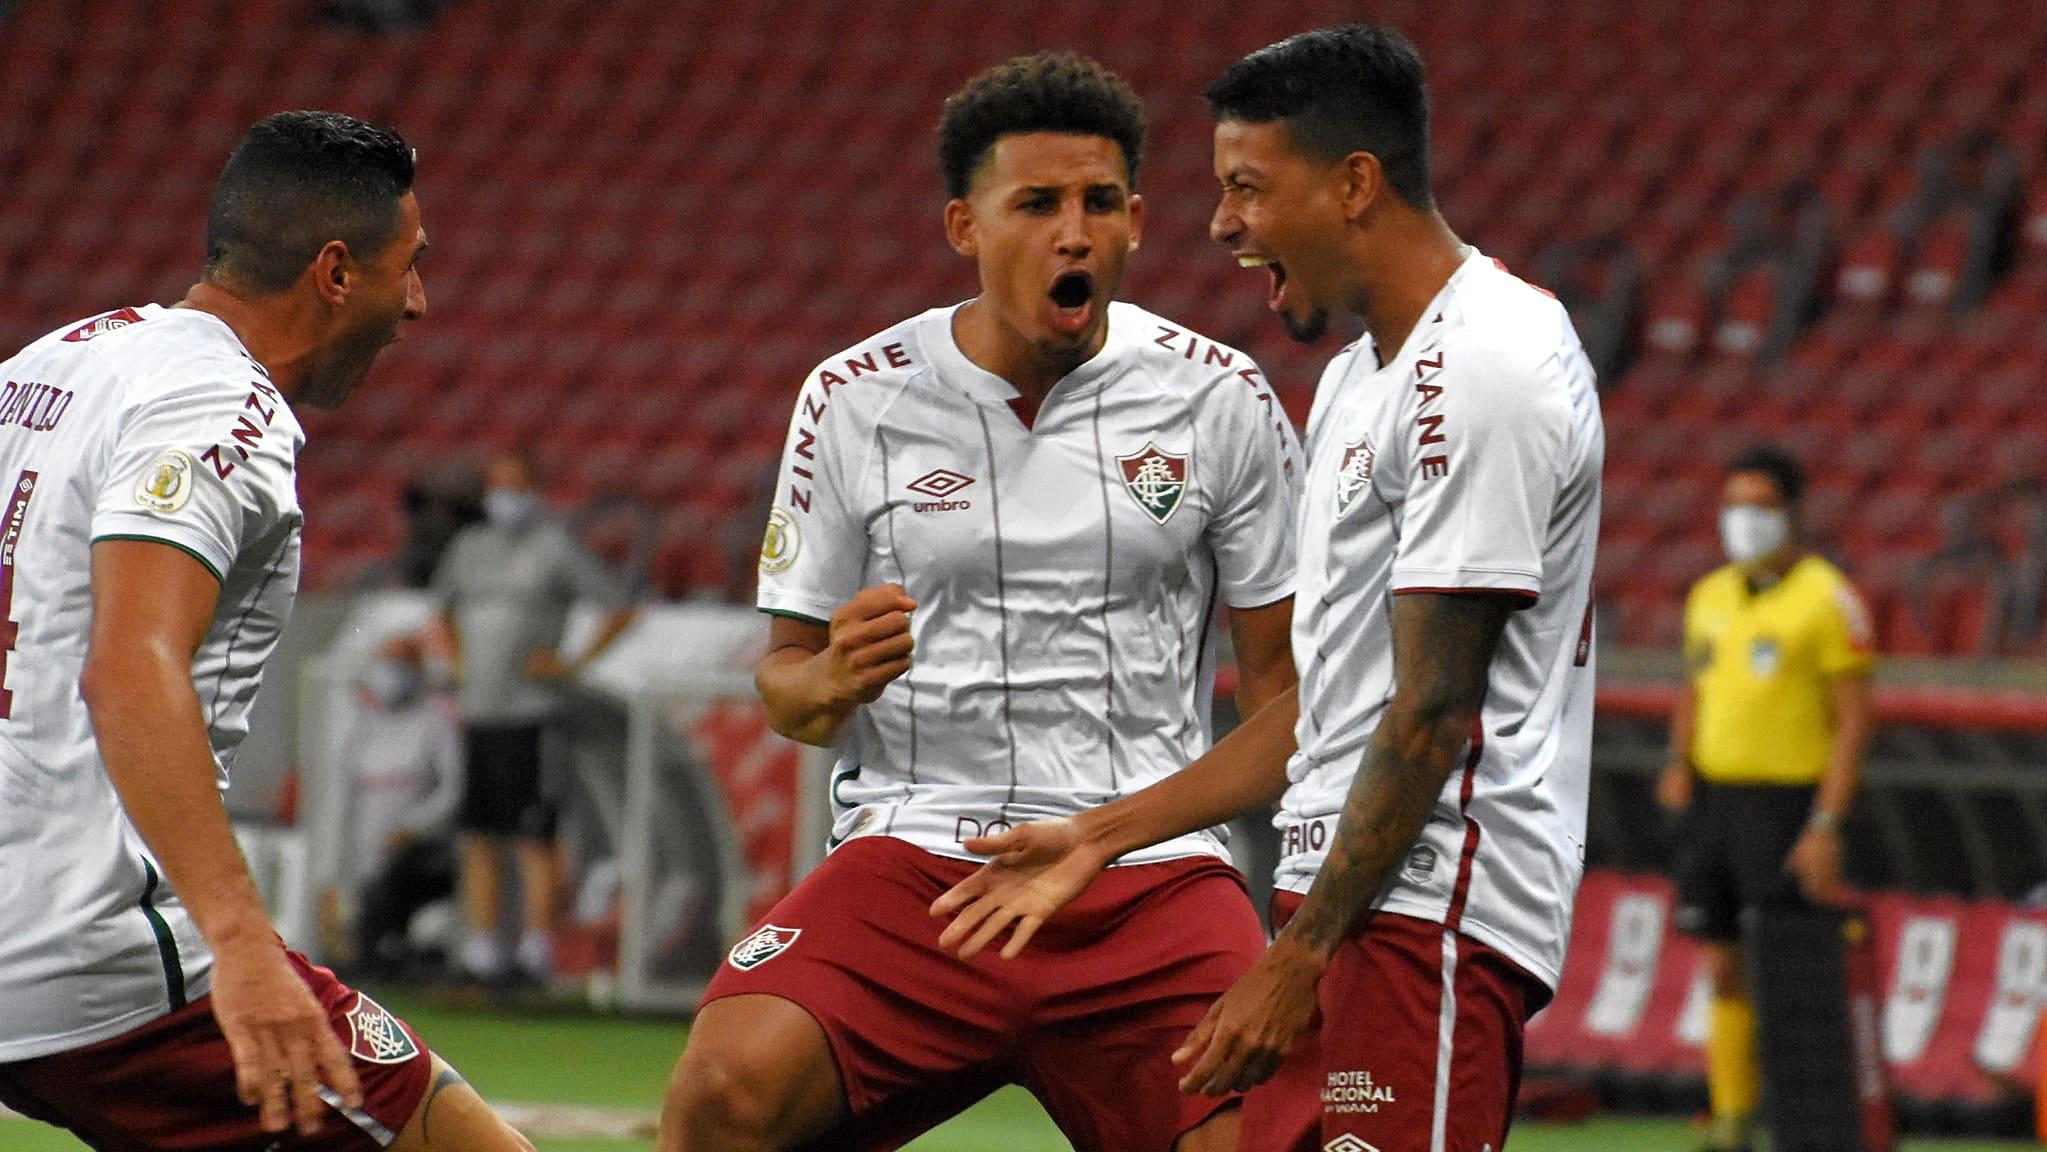 Conectados por propósitos idênticos, Internacional e Fluminense se enfrentam na noite deste domingo (15), às 20h30, no Estádio Beira Rio